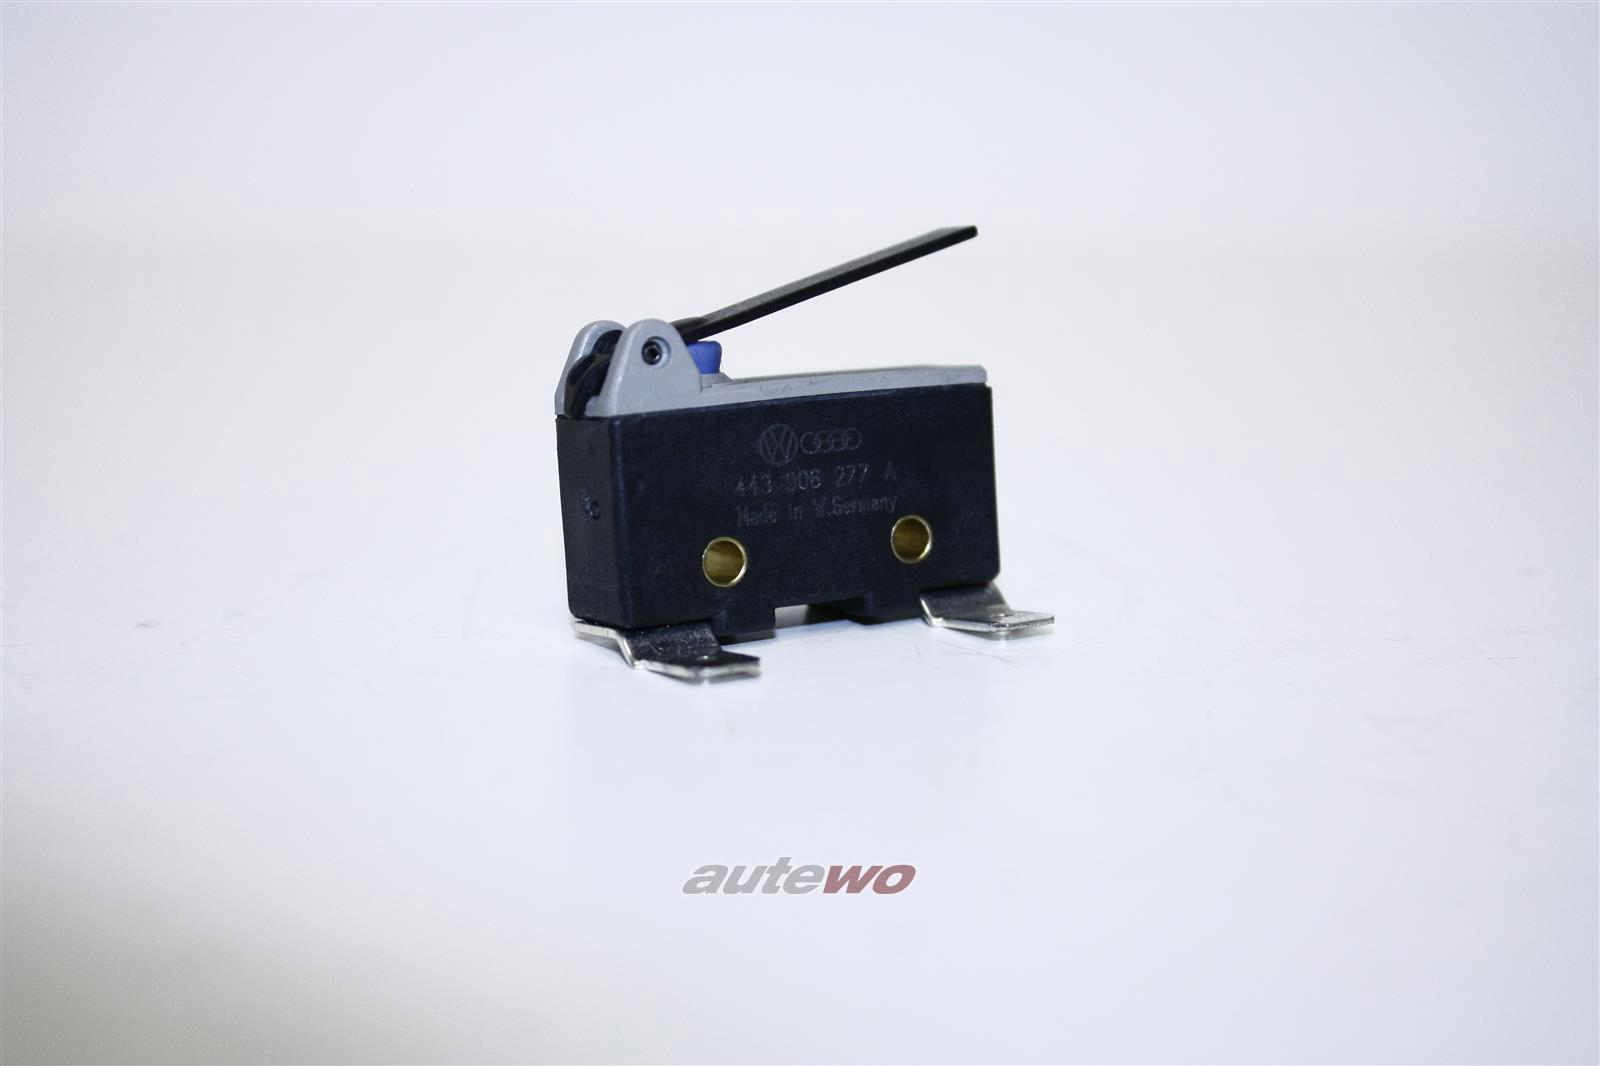 443906277A NEU Audi 200 Typ 44 2.2l 182PS KG/JY/WK Drosselklappenschalter